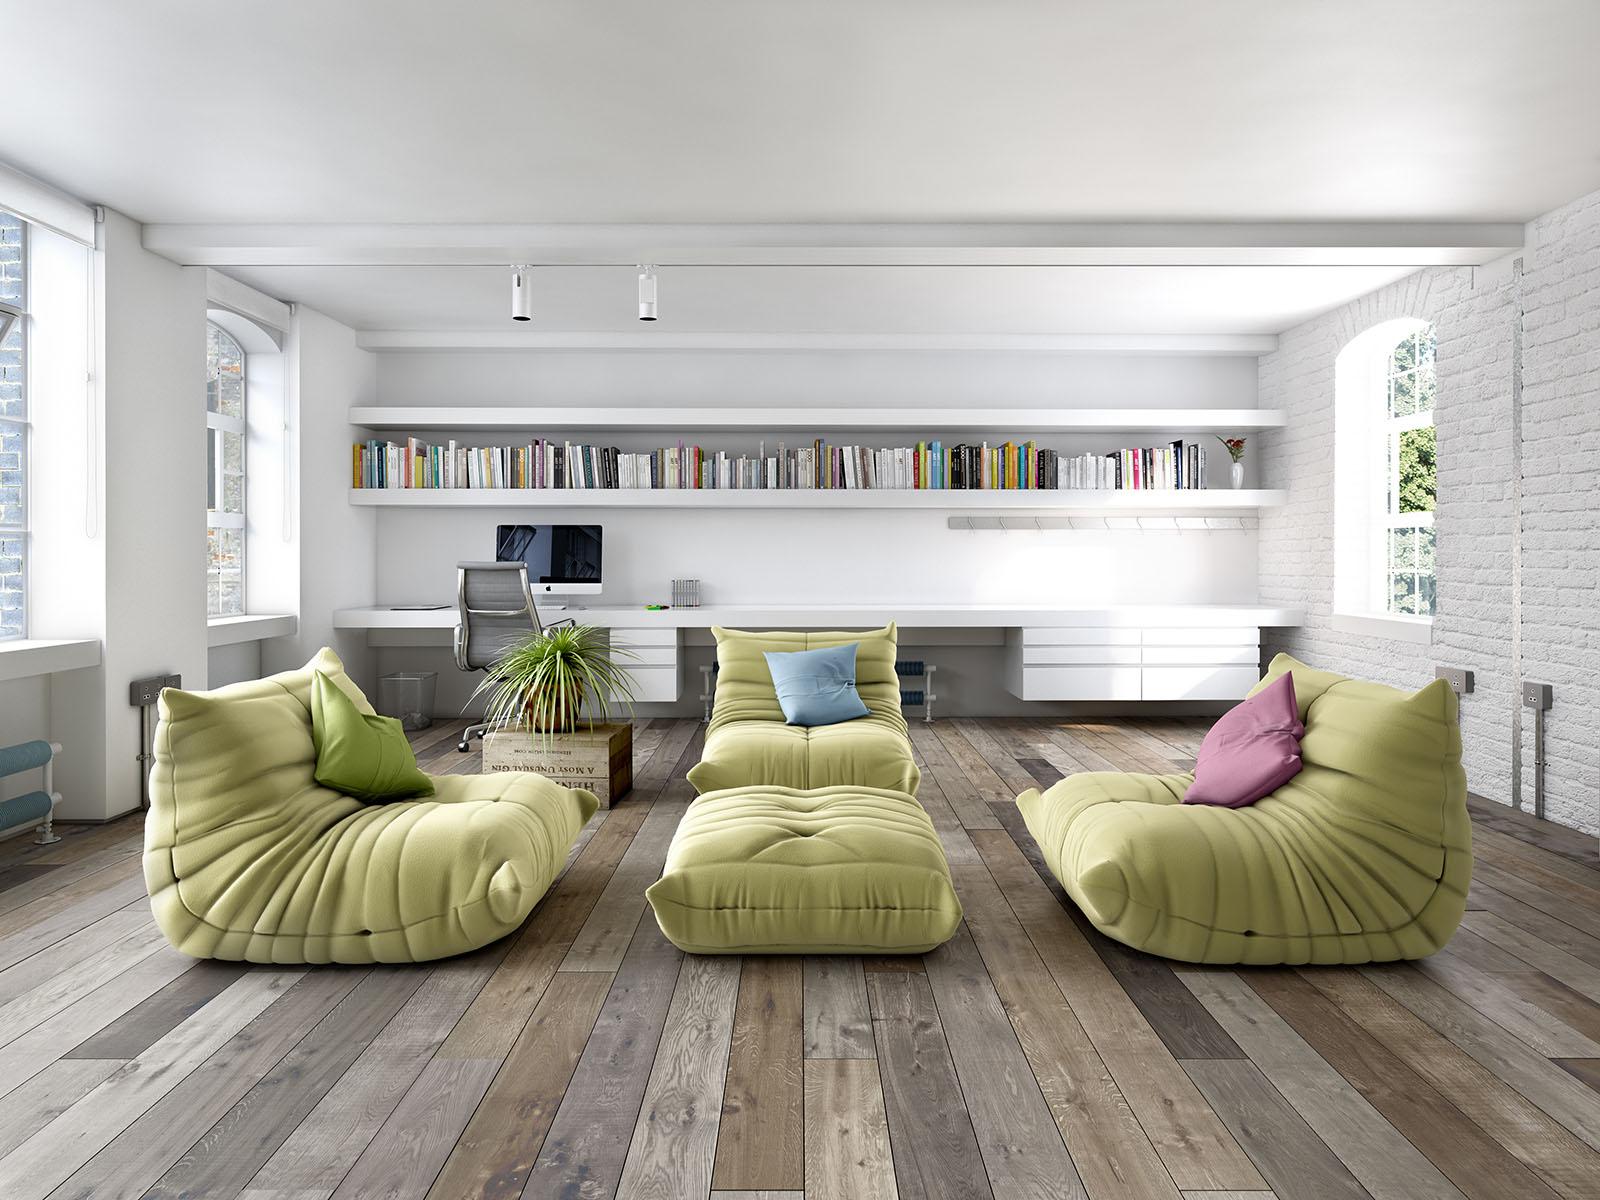 VWArtclub - Furniture Arrangement & Function II